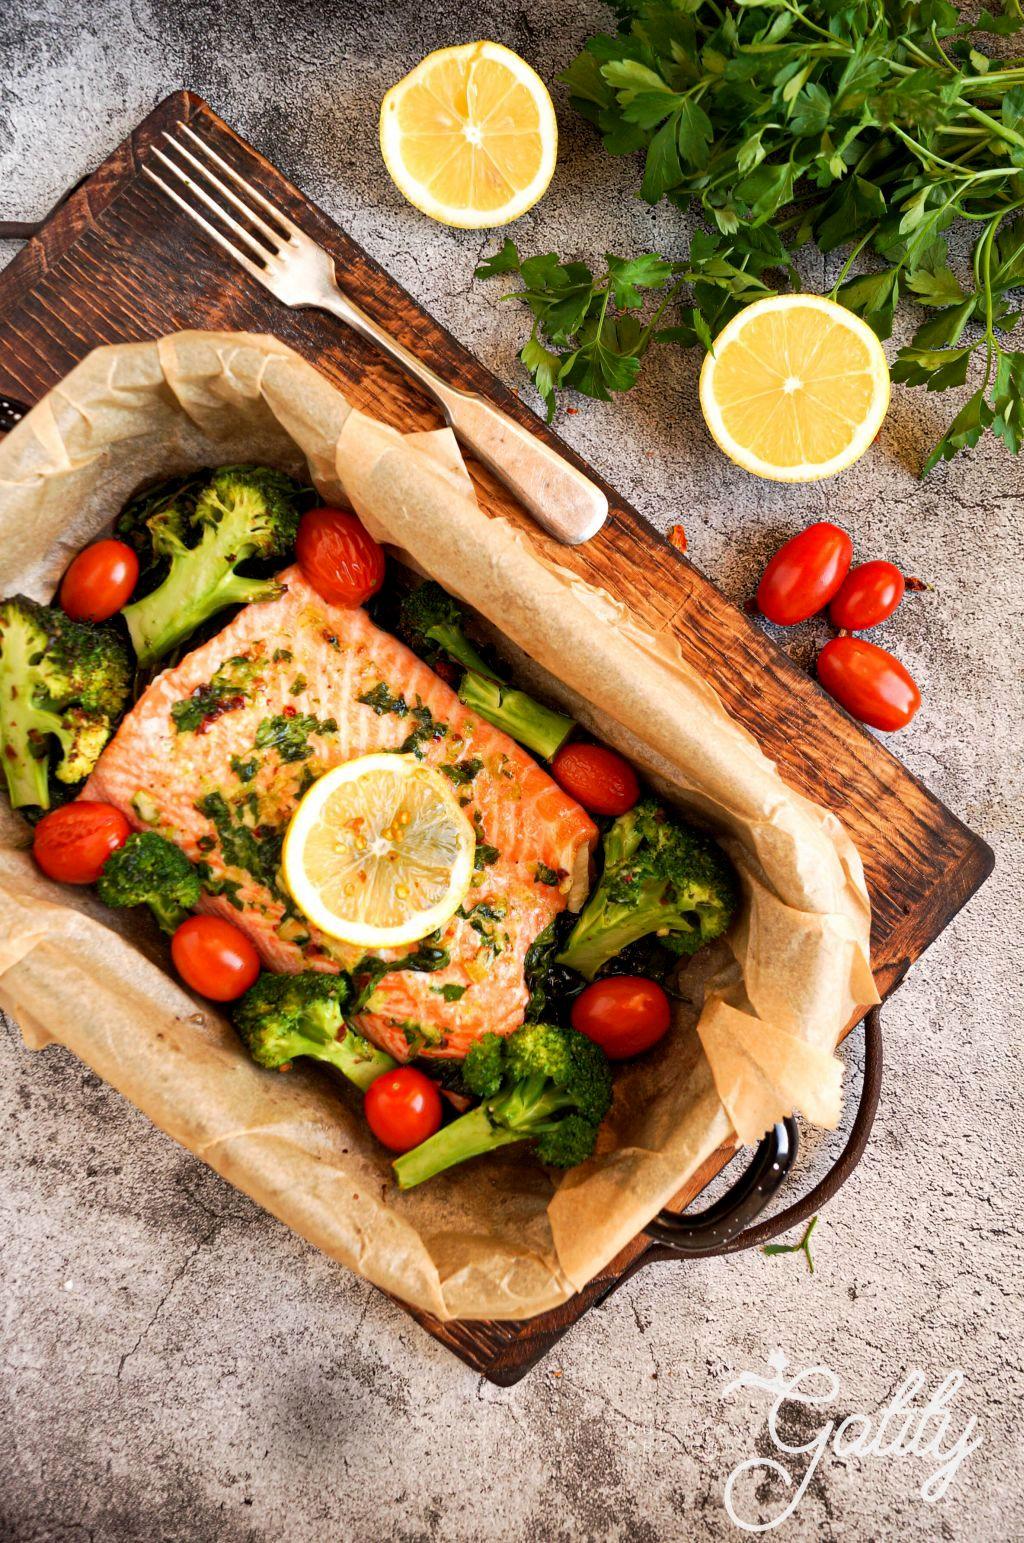 ryba-z-warzywami